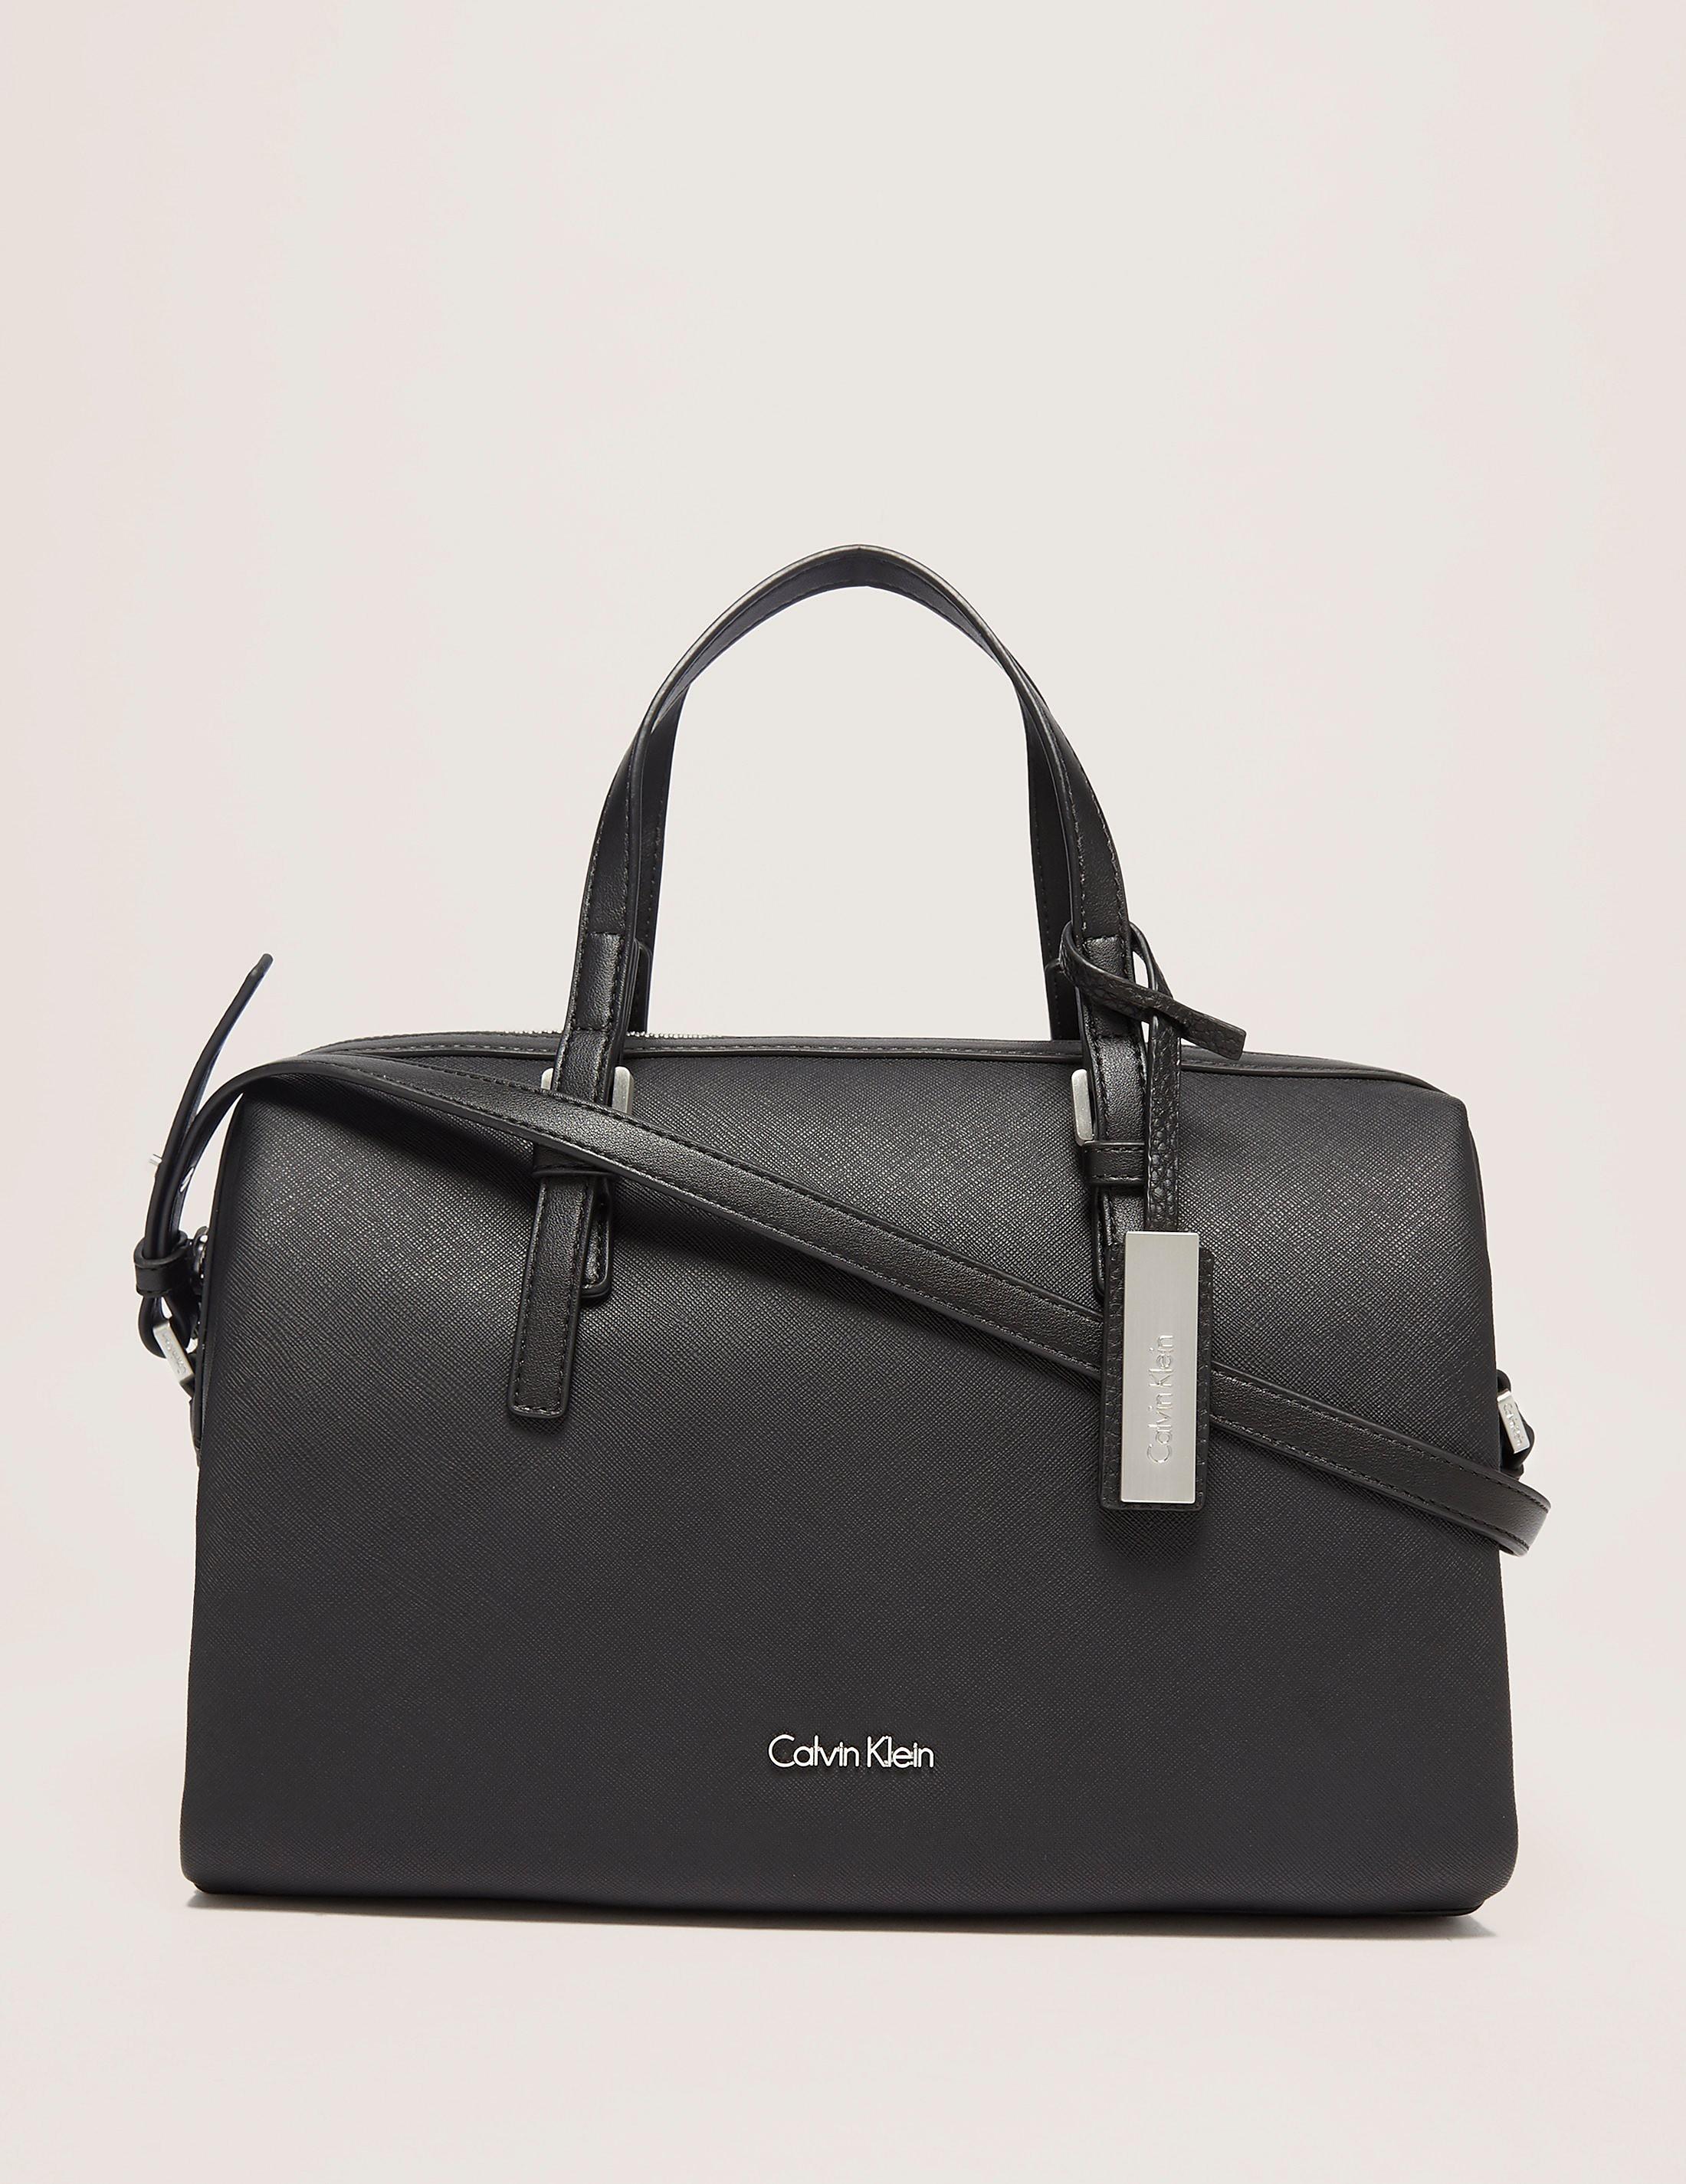 Calvin Klein M4rissa Duffle Bag